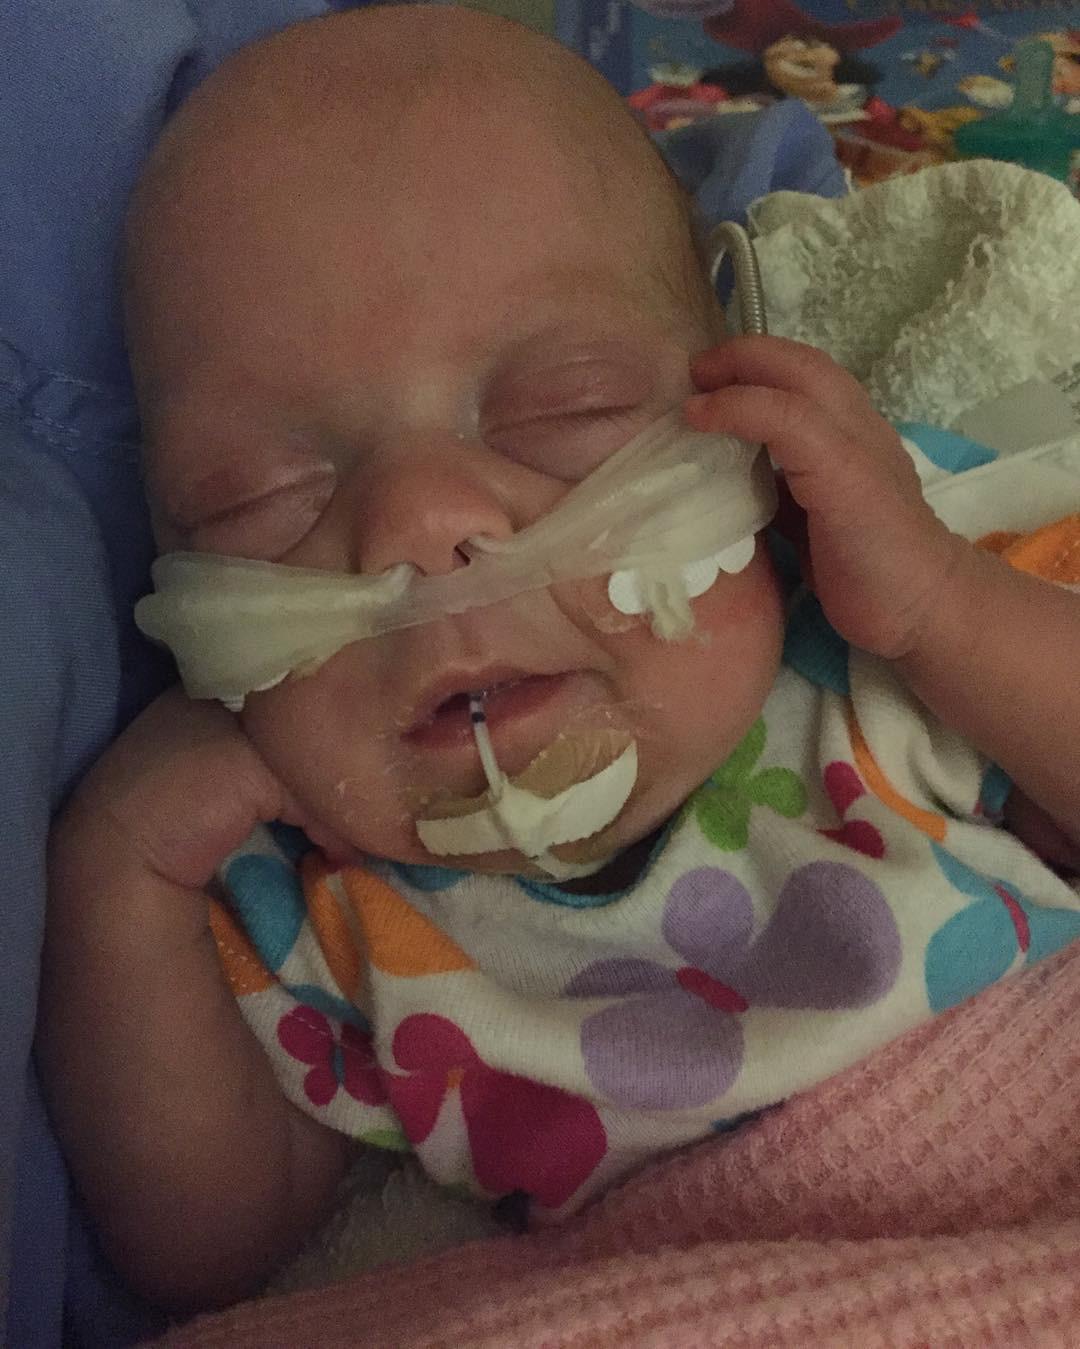 Em bé sinh non 14 tuần, nặng chưa đầy 0,5kg và hành trình sống sót kỳ diệu lấy đi nước mắt của hàng triệu người - Hình 8